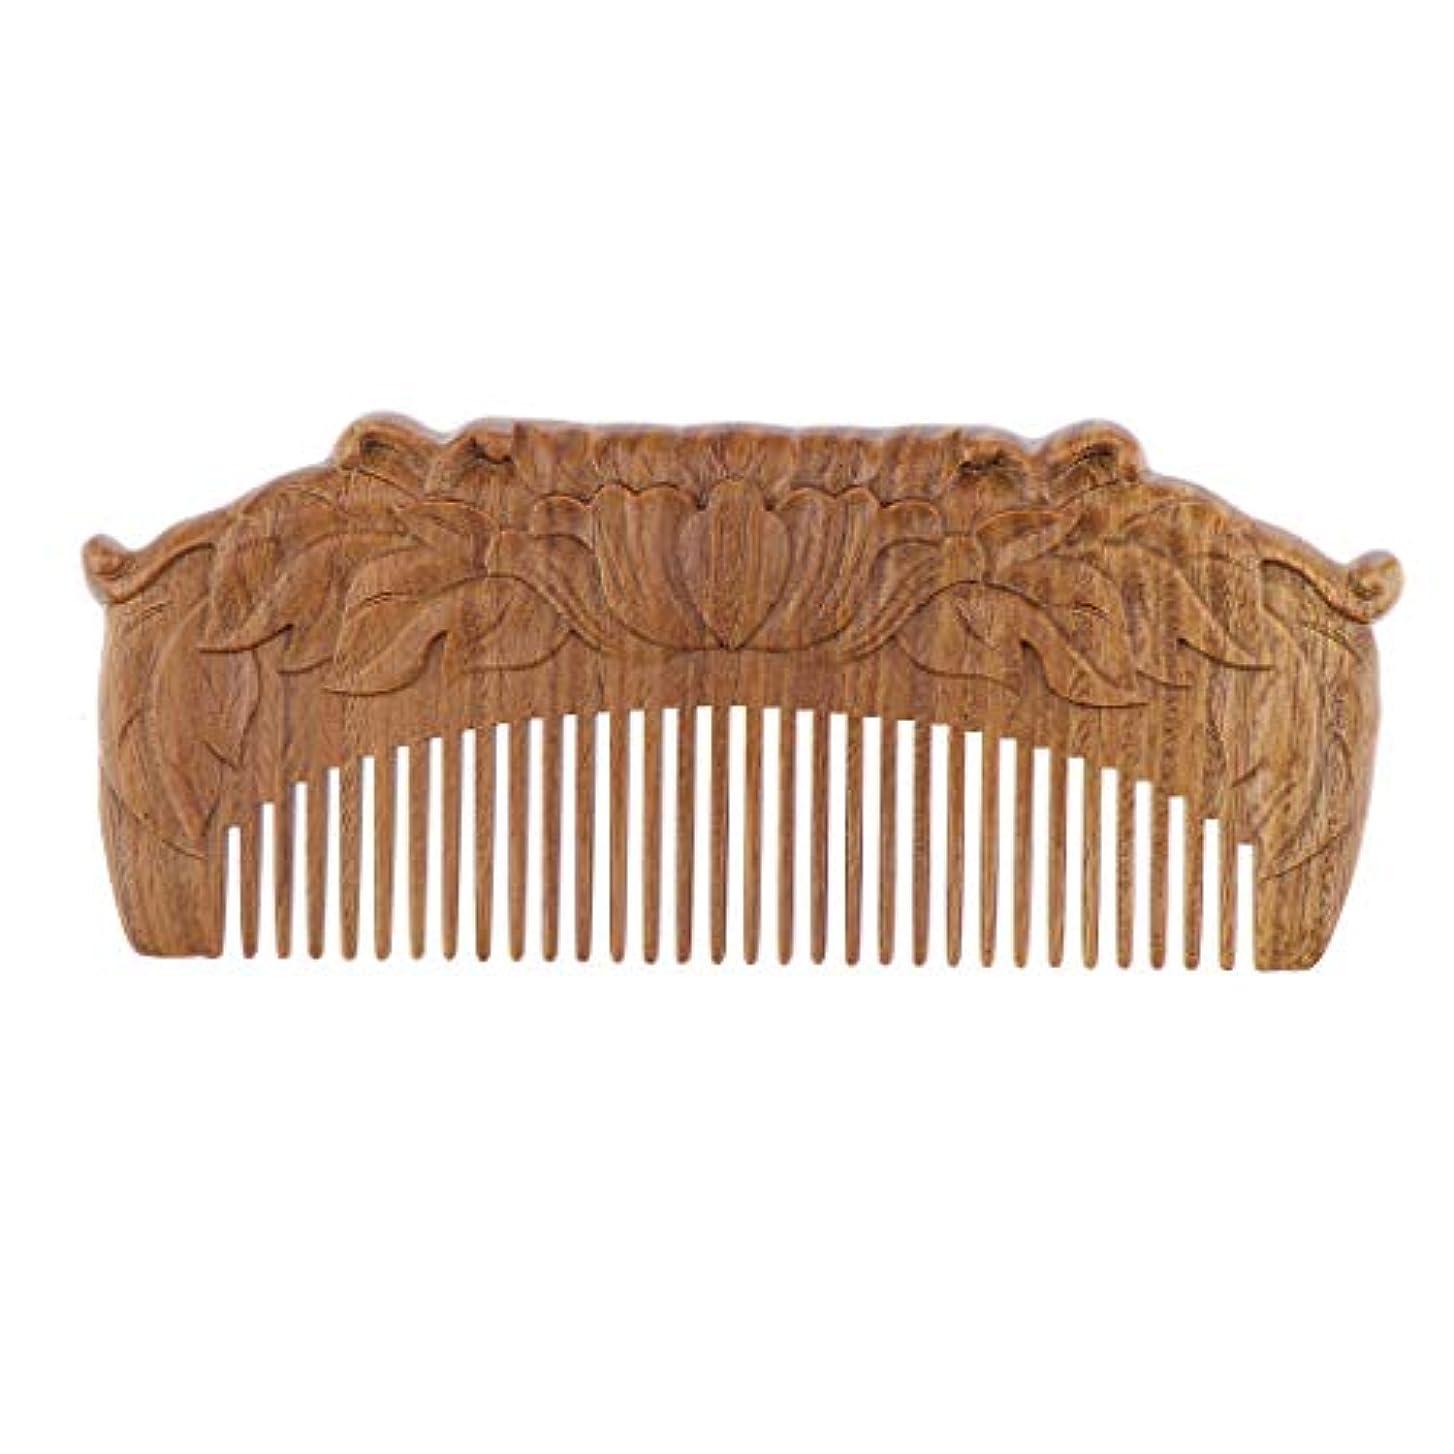 読み書きのできない疑い者百年木製櫛 ヘアコーム ヘアブラシ 天然木 手作り プレゼント